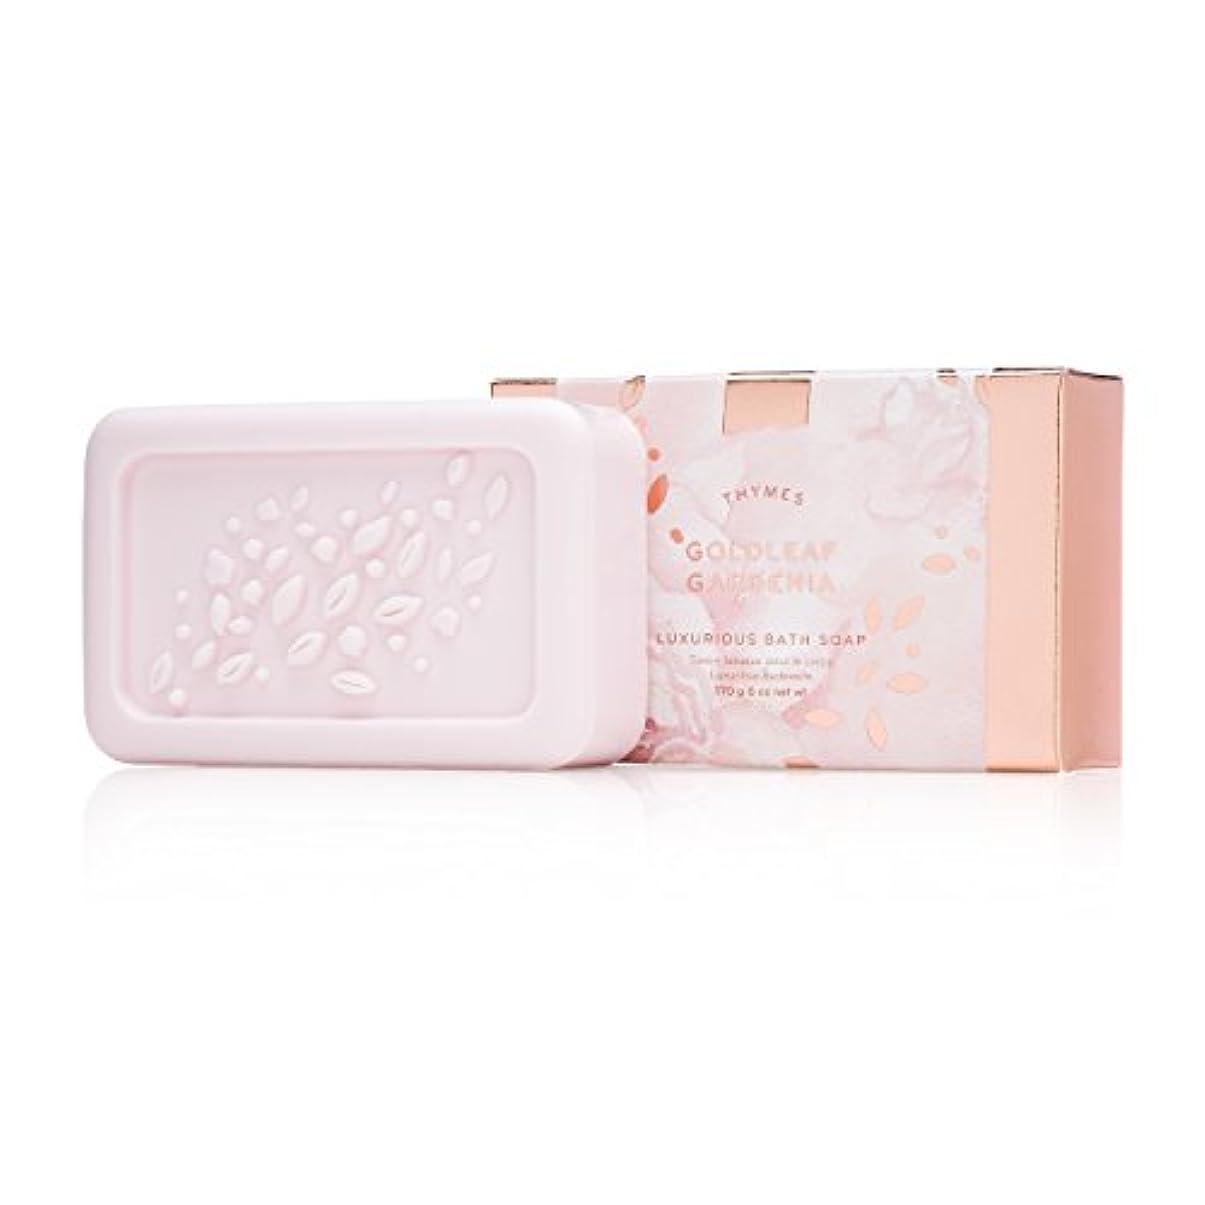 フラフープ階段疾患タイムズ Goldleaf Gardenia Luxurious Bath Soap 170g/6oz並行輸入品